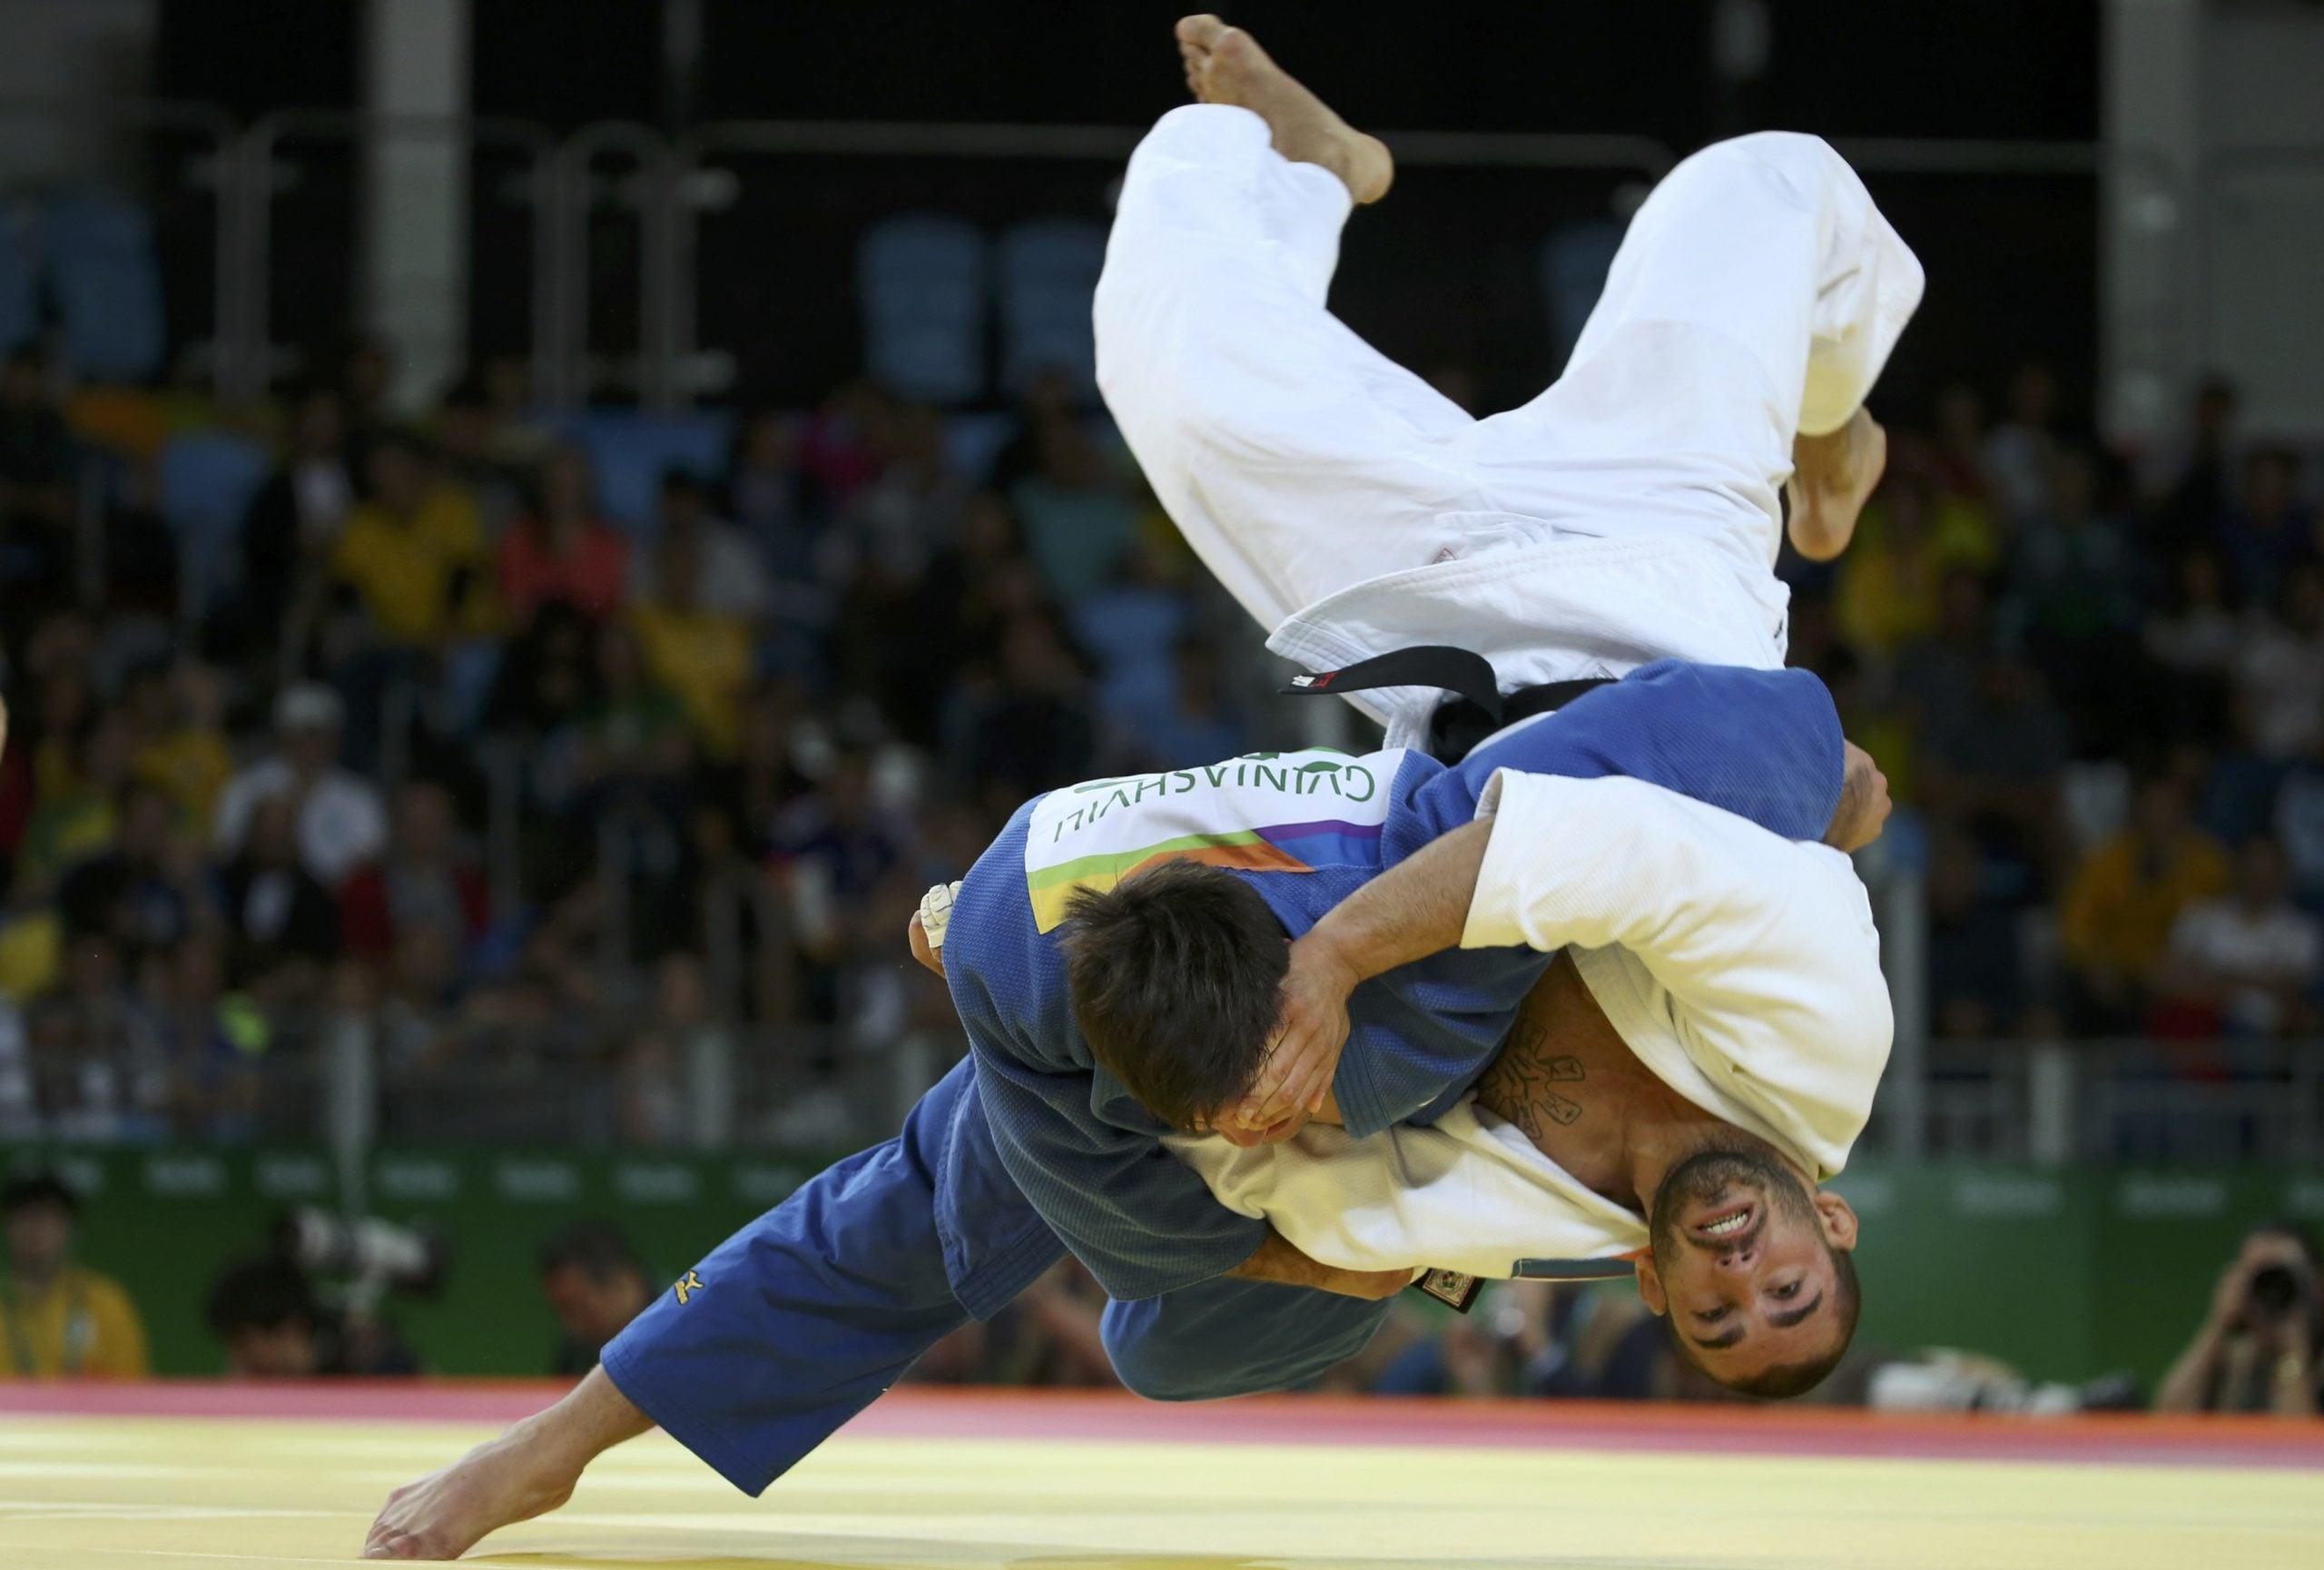 Kerjasama PJSI dengan Kodokan Judo Institute